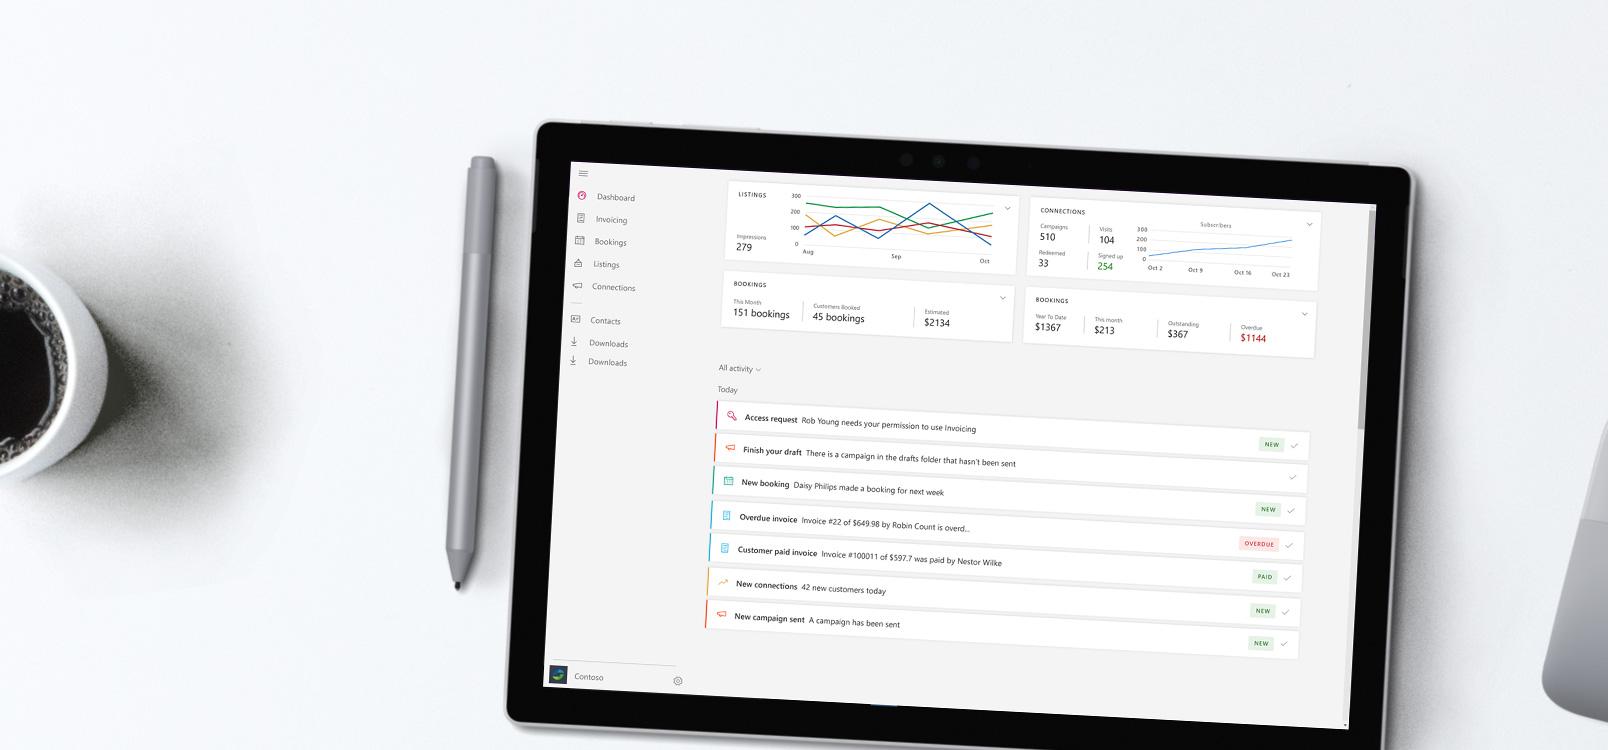 Office 365 비즈니스 센터가 표시된 노트북